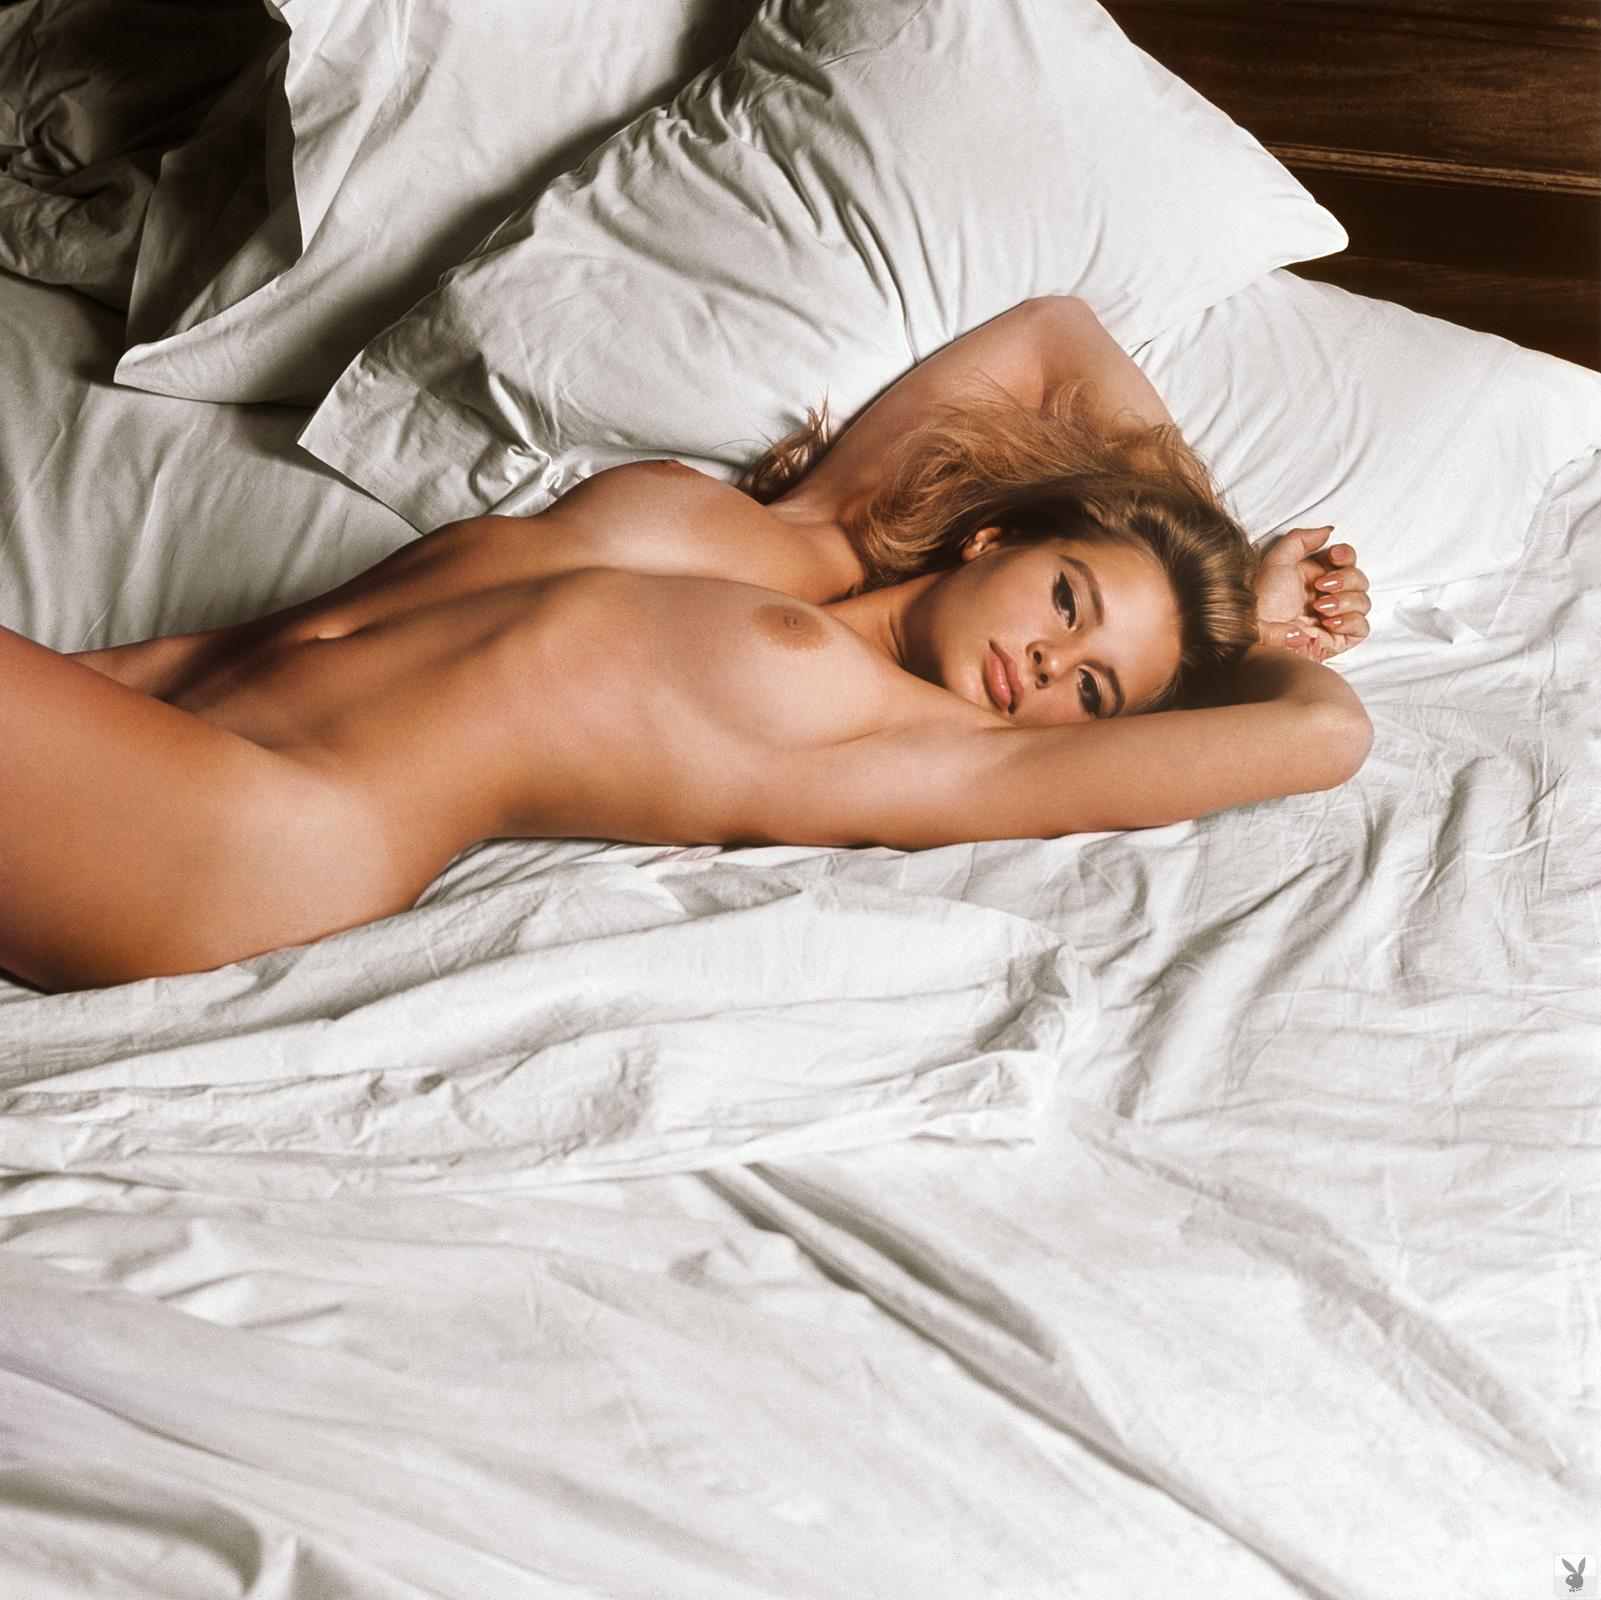 Michelle dell nude